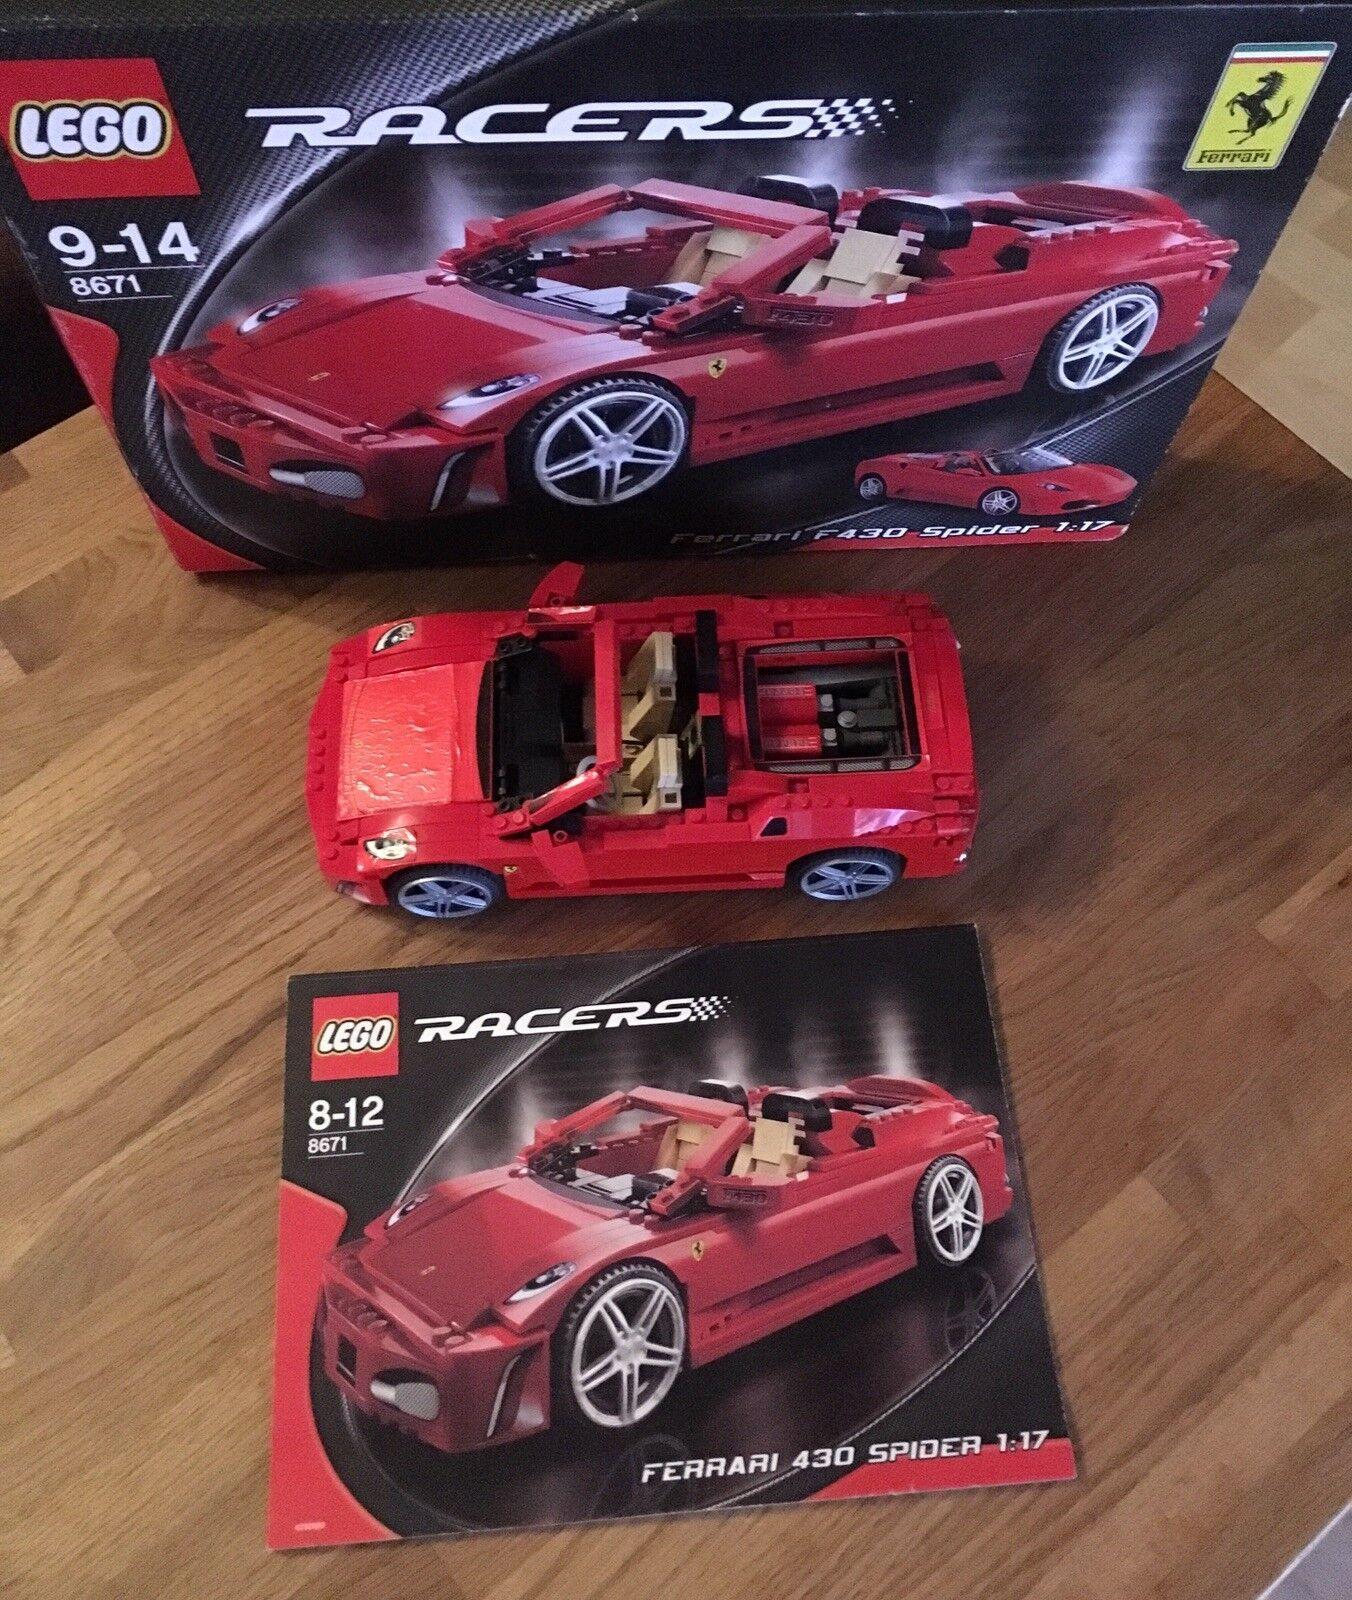 Lego Technic Technique Racers 8671 Ferrari f430 spider   assurance qualité